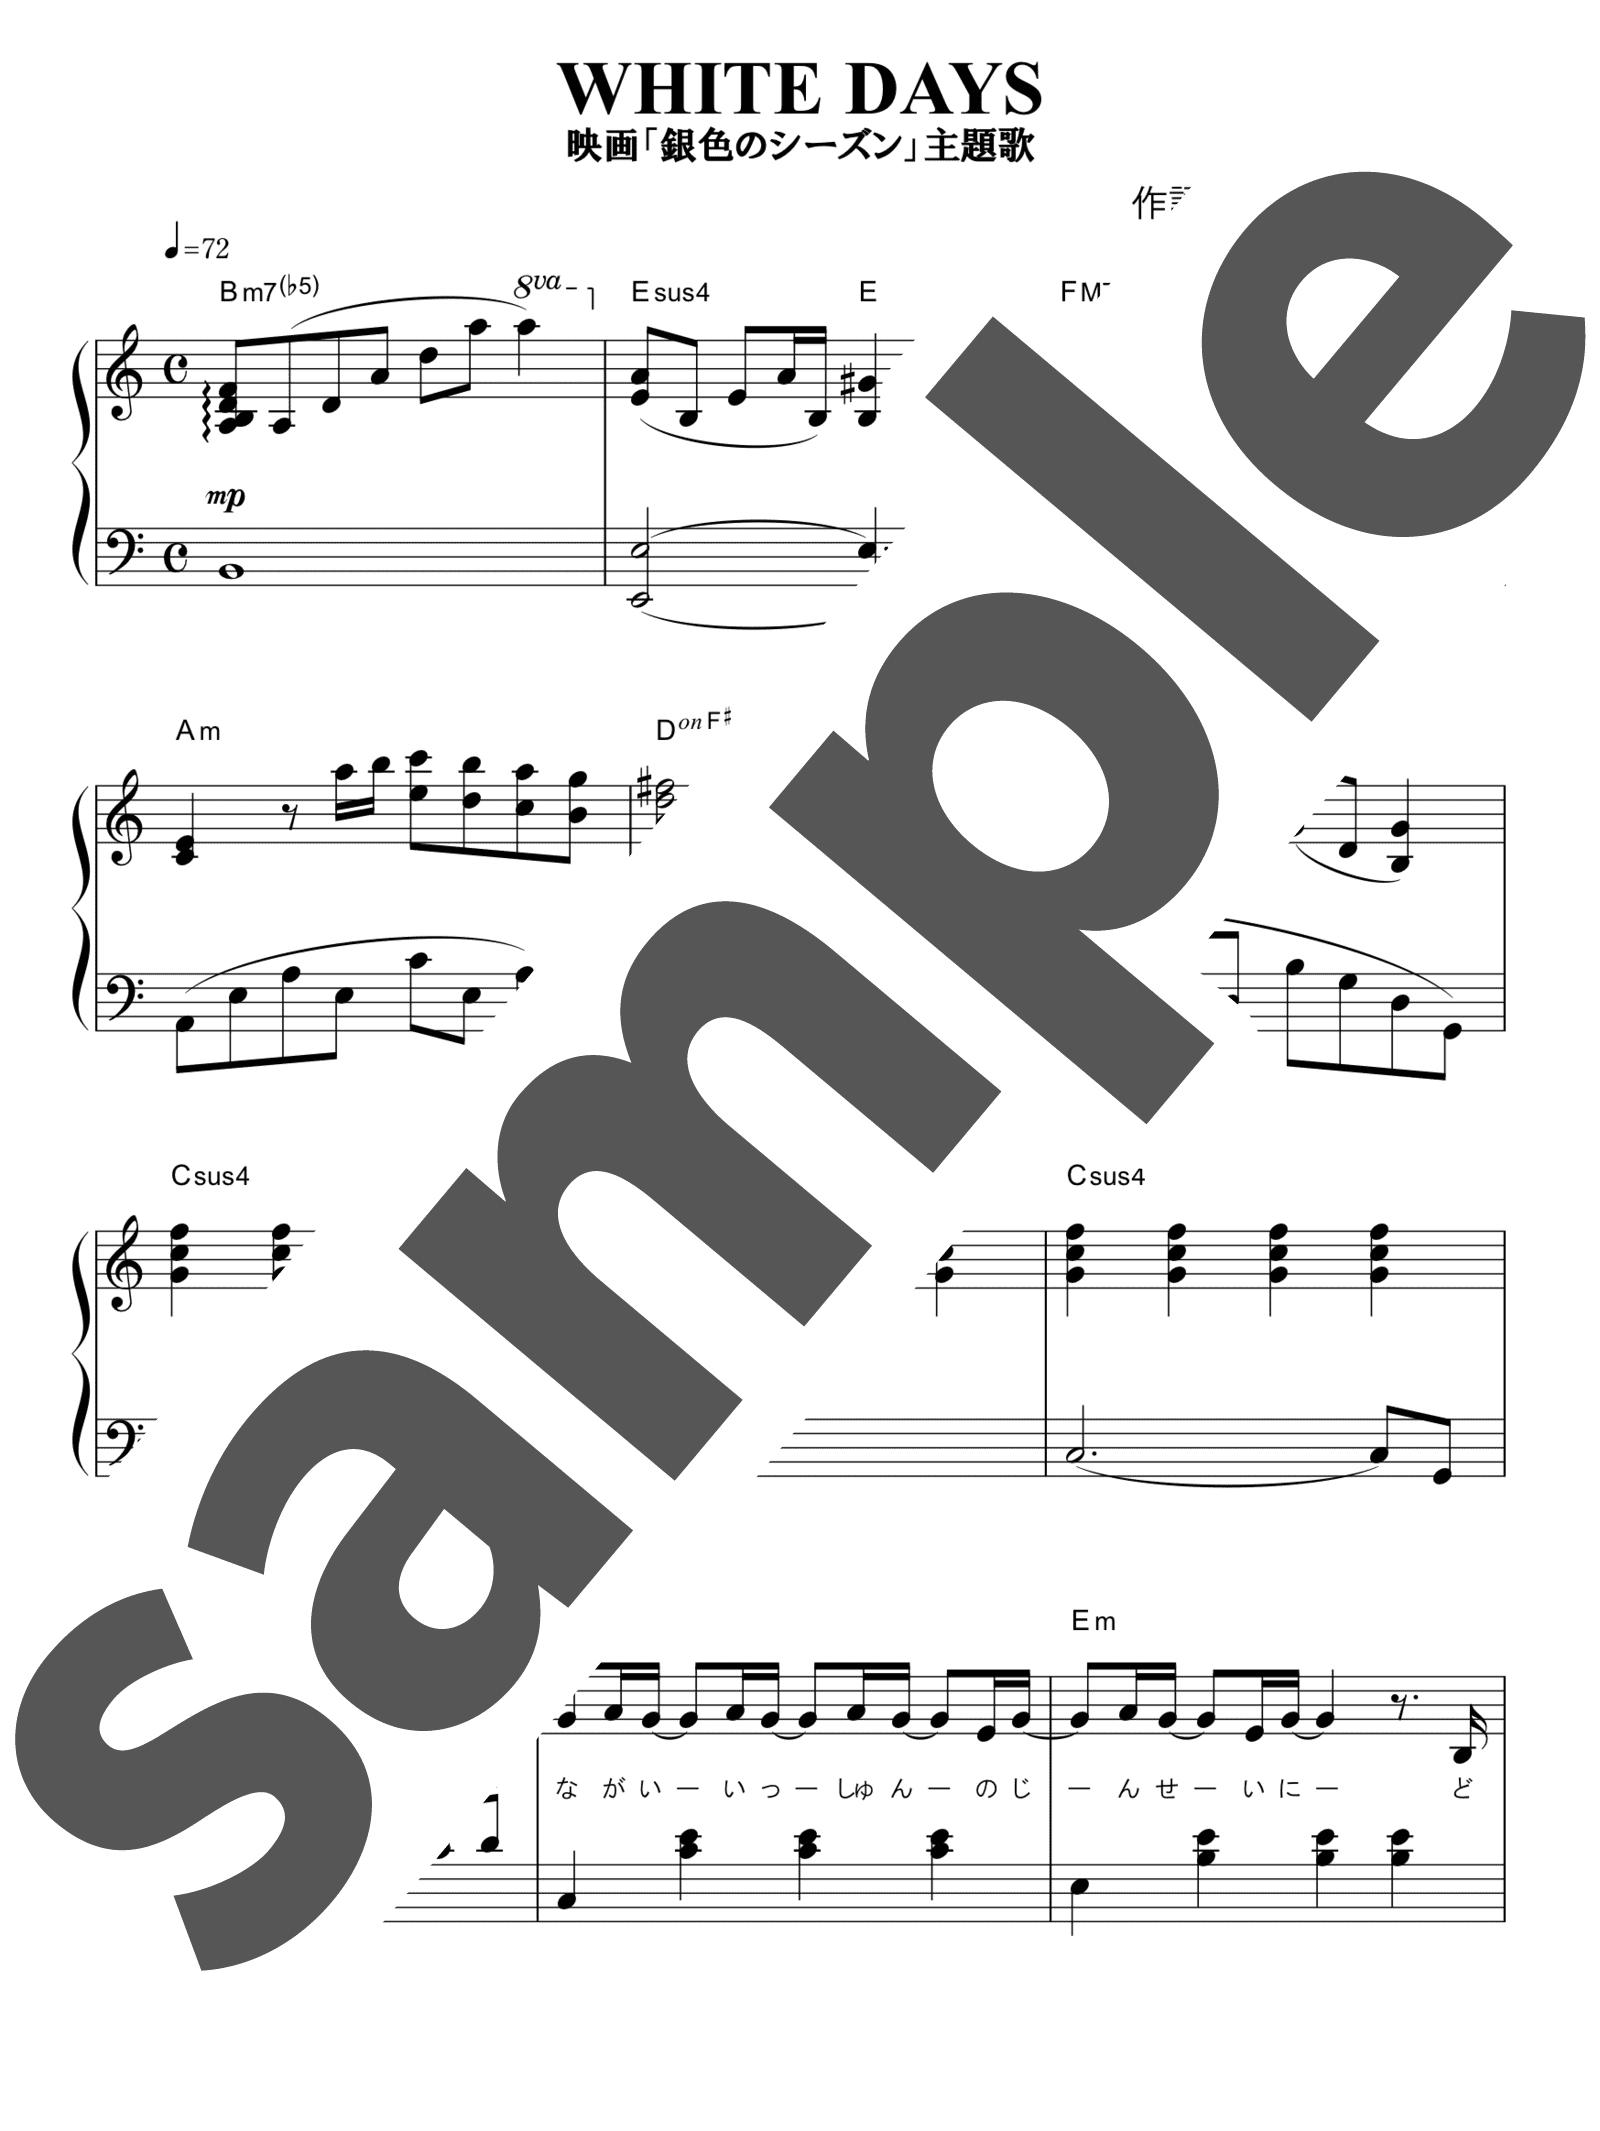 「WHITE DAYS」のサンプル楽譜